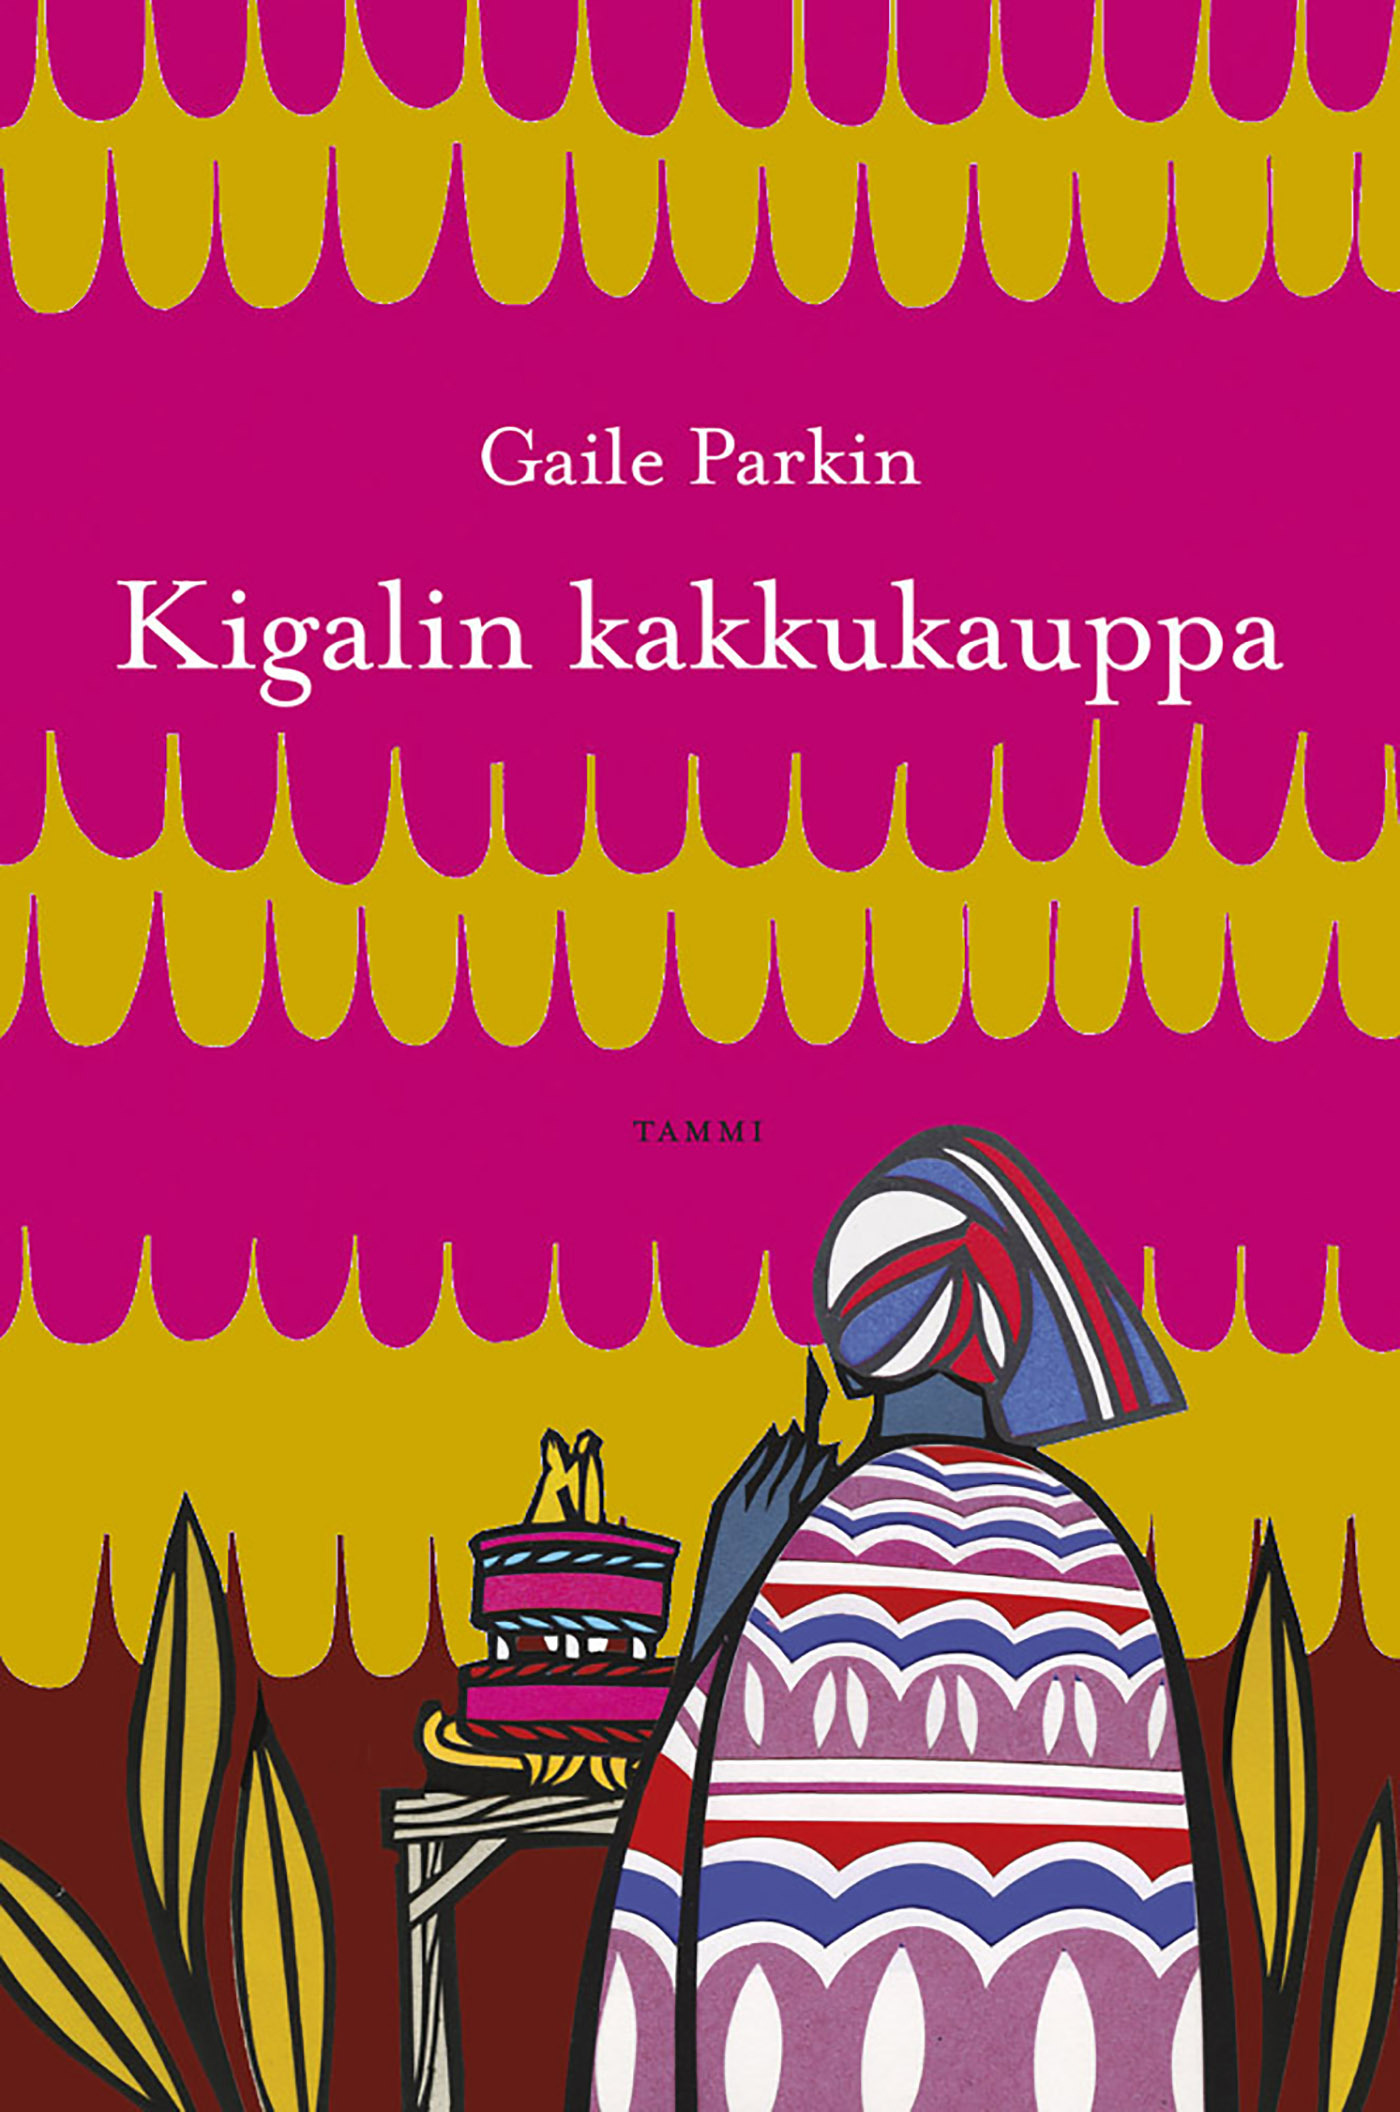 Parkin, Gaile - Kigalin kakkukauppa, e-kirja